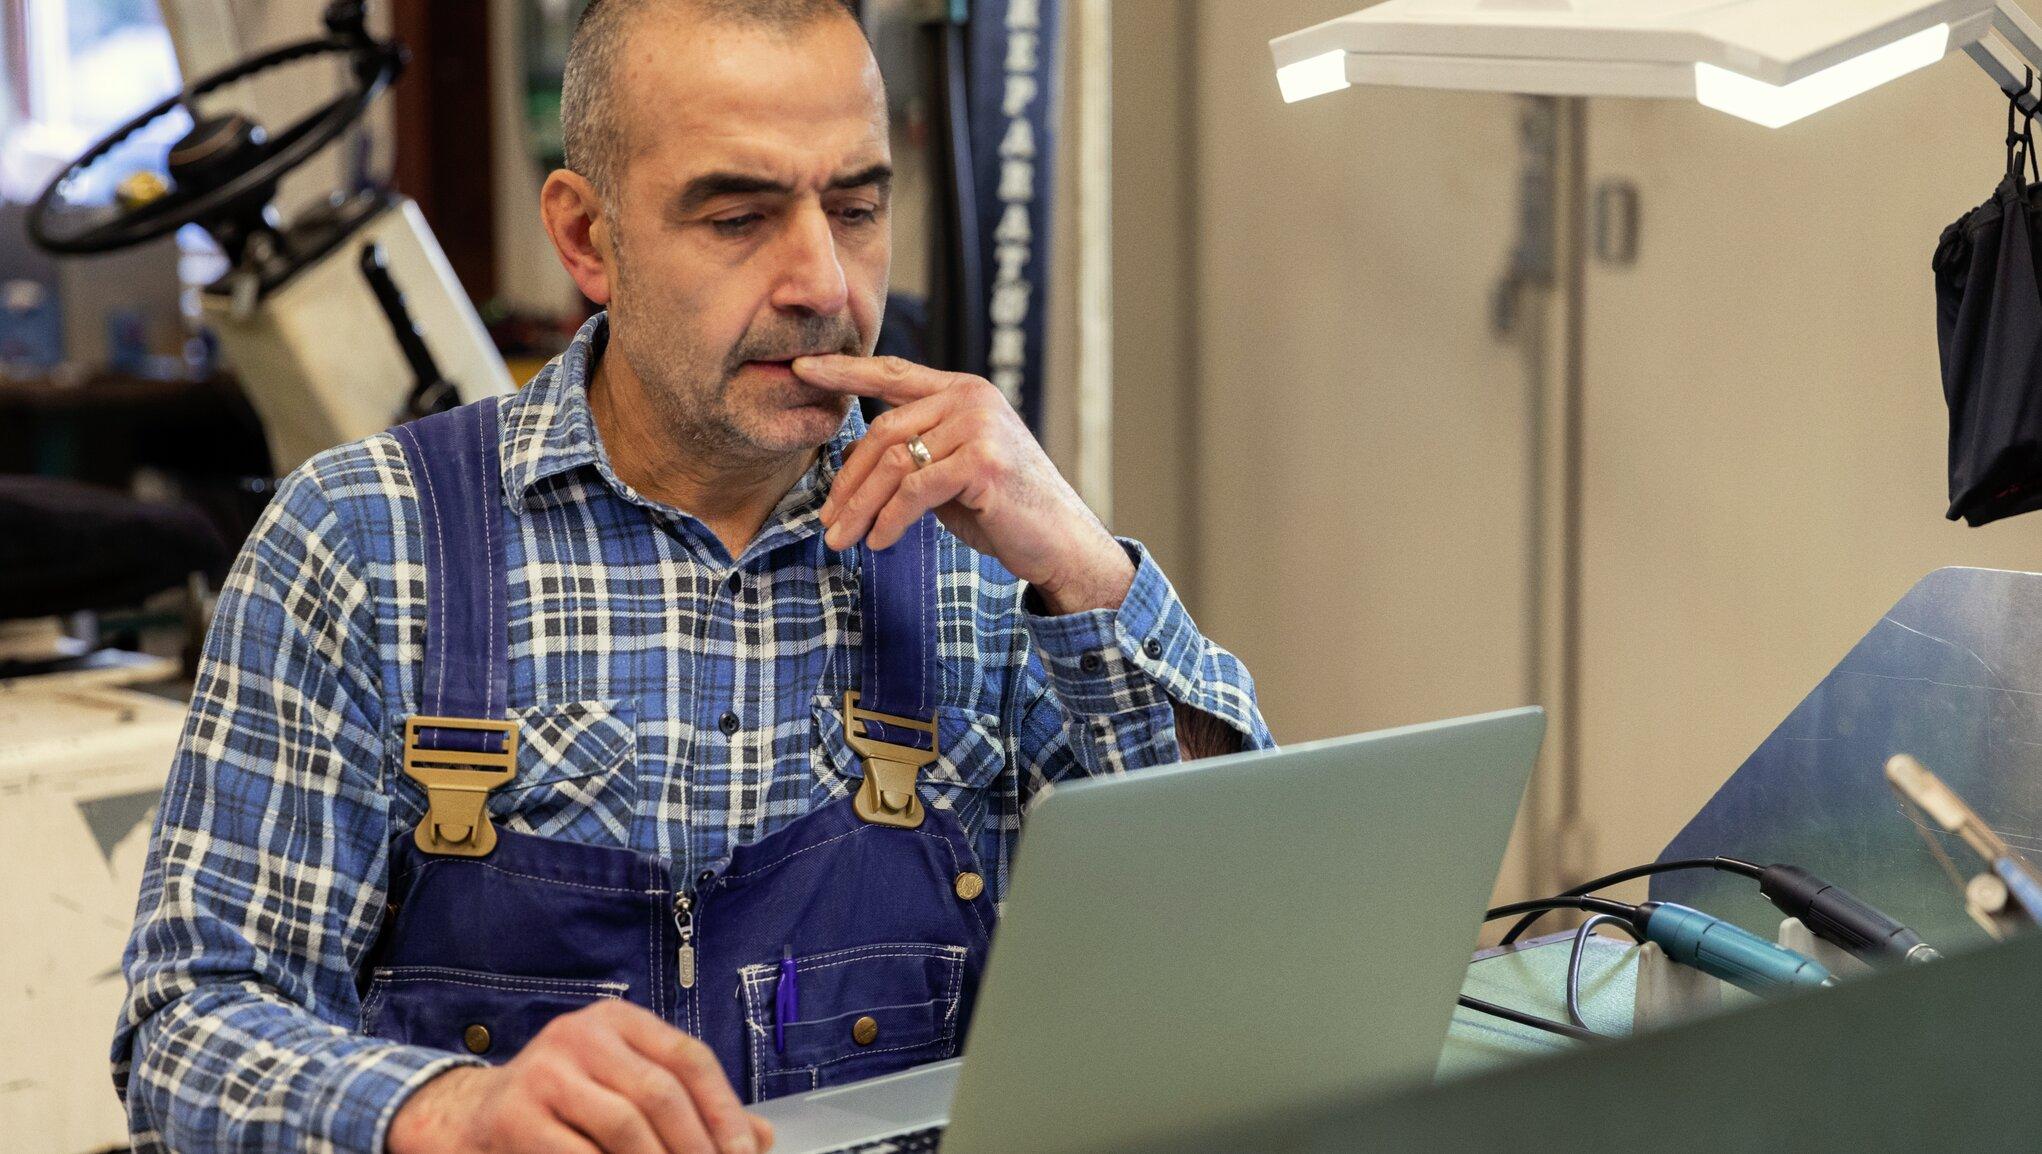 Hackere bruger ofte virus såsom ransomware for at angribe danske virksomheder